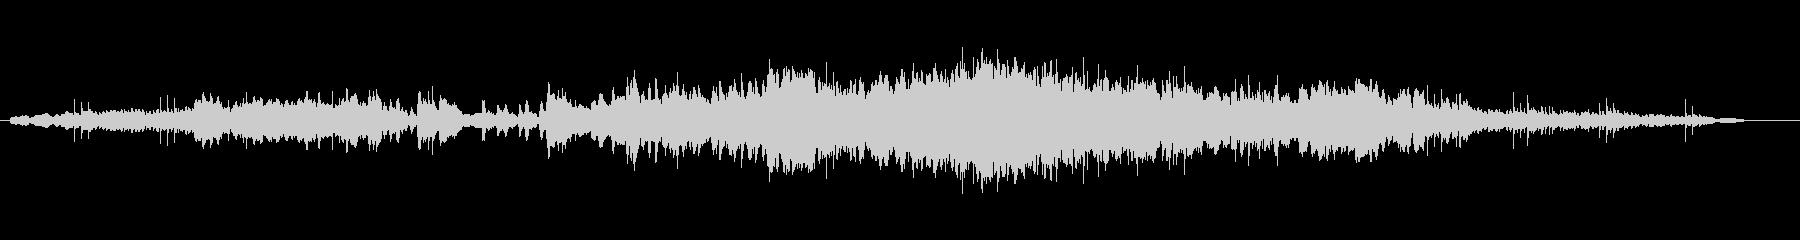 シンセの音がゆったりと響くバラードの未再生の波形